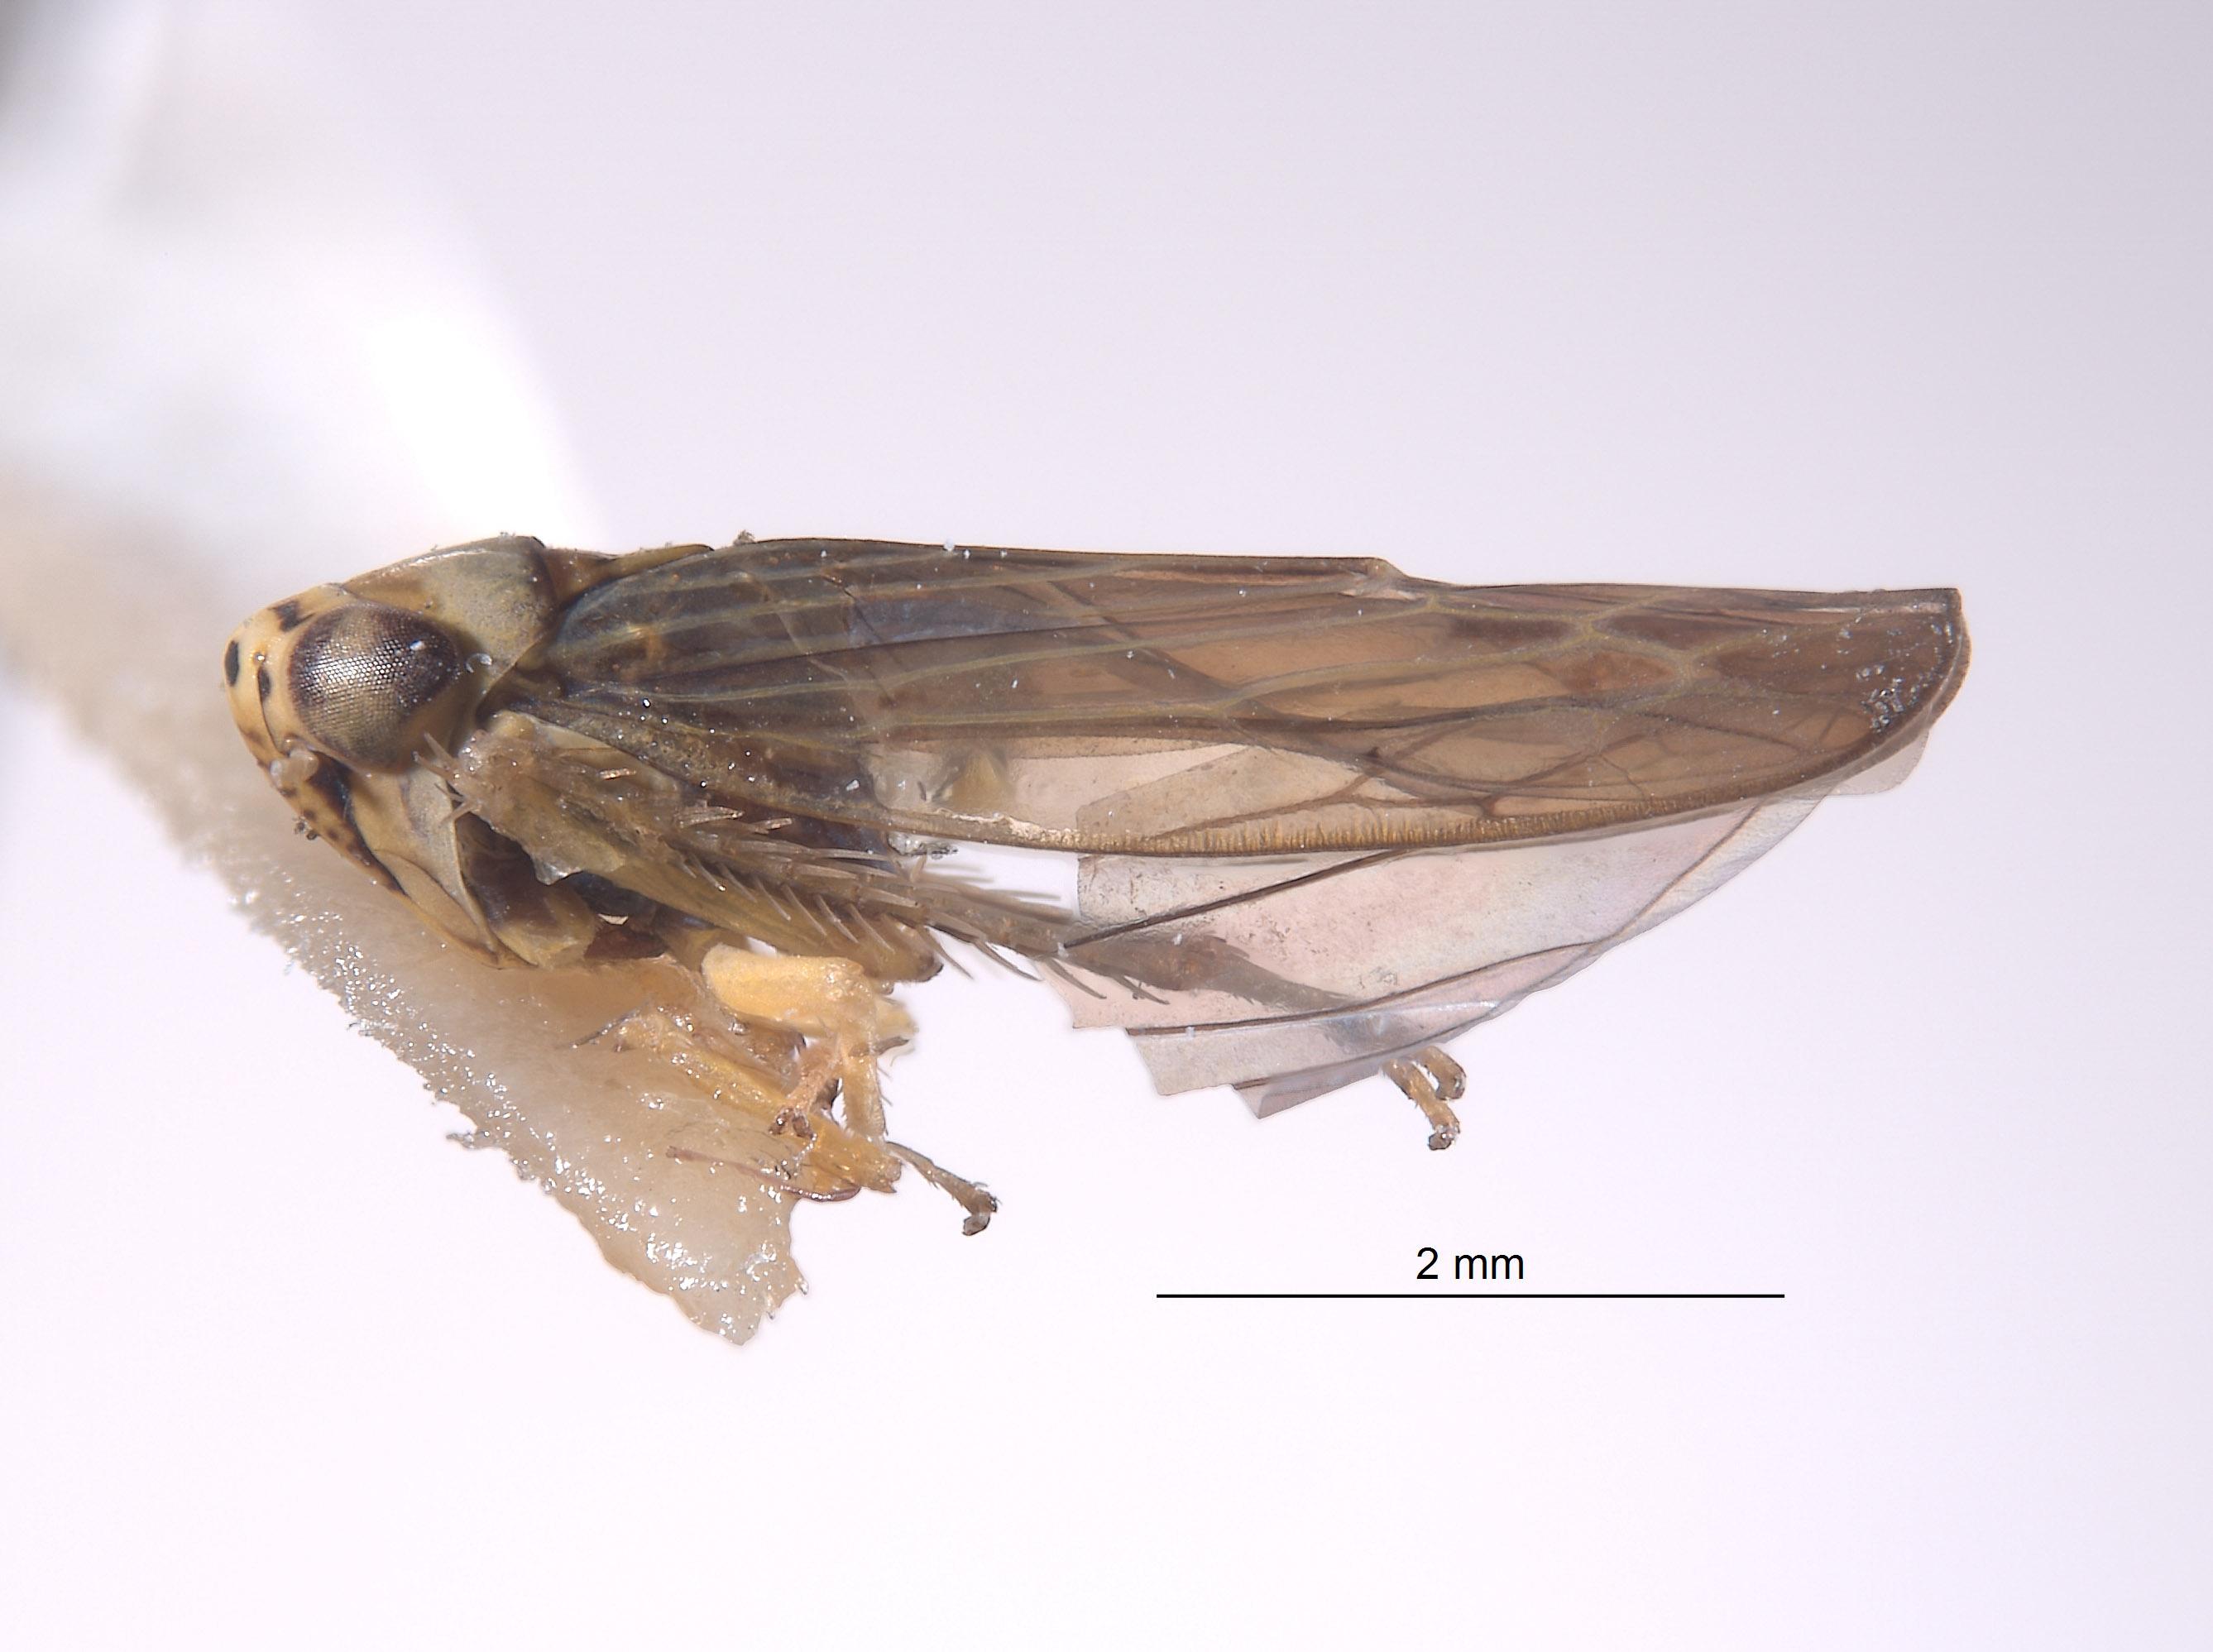 Colladonus singularius image